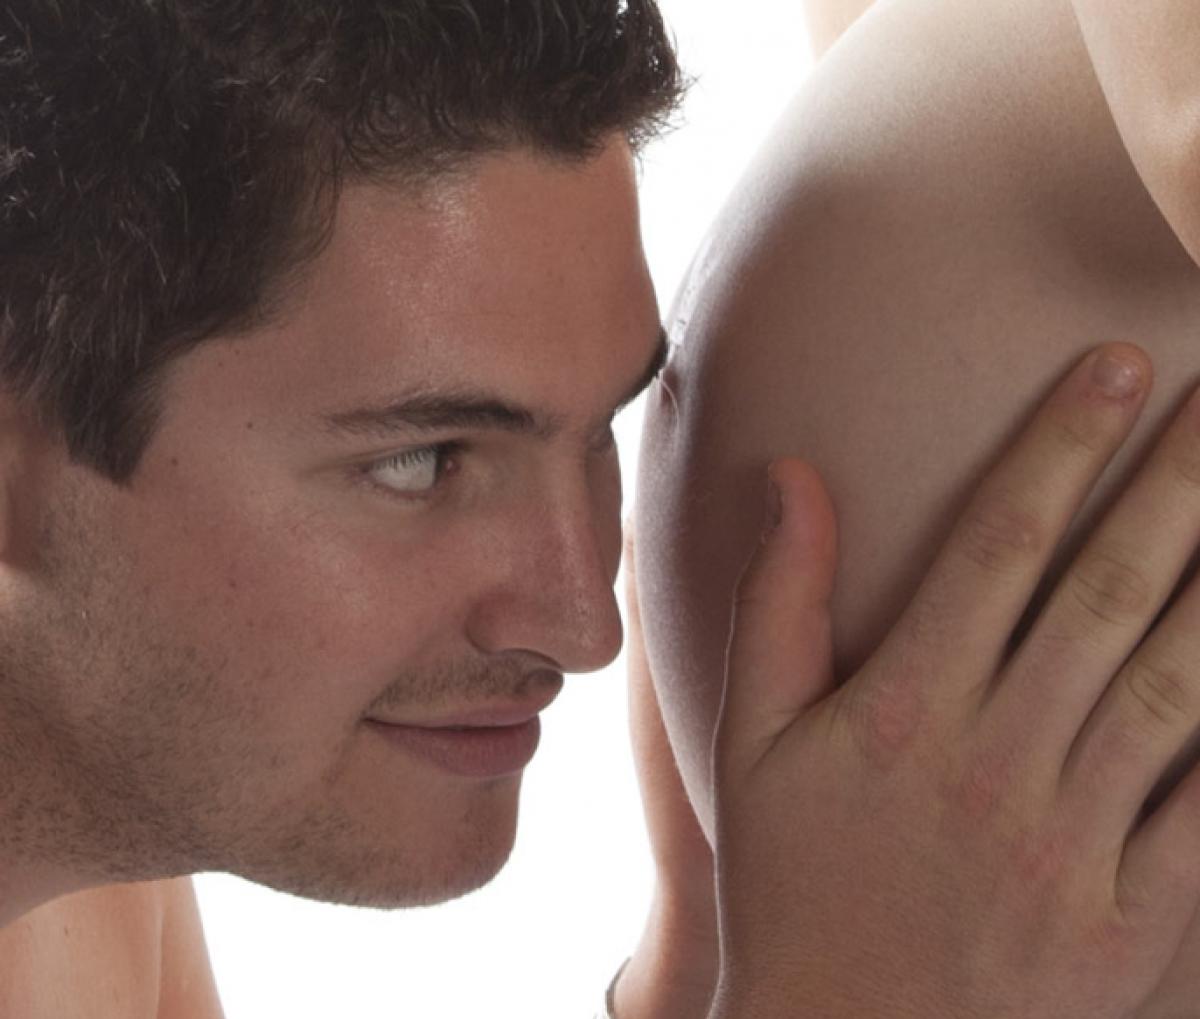 Η (μέλλουσα) μαμά ρωτάει: Είναι η εγκυμοσύνη για όλους τους άντρες θείο δώρο;